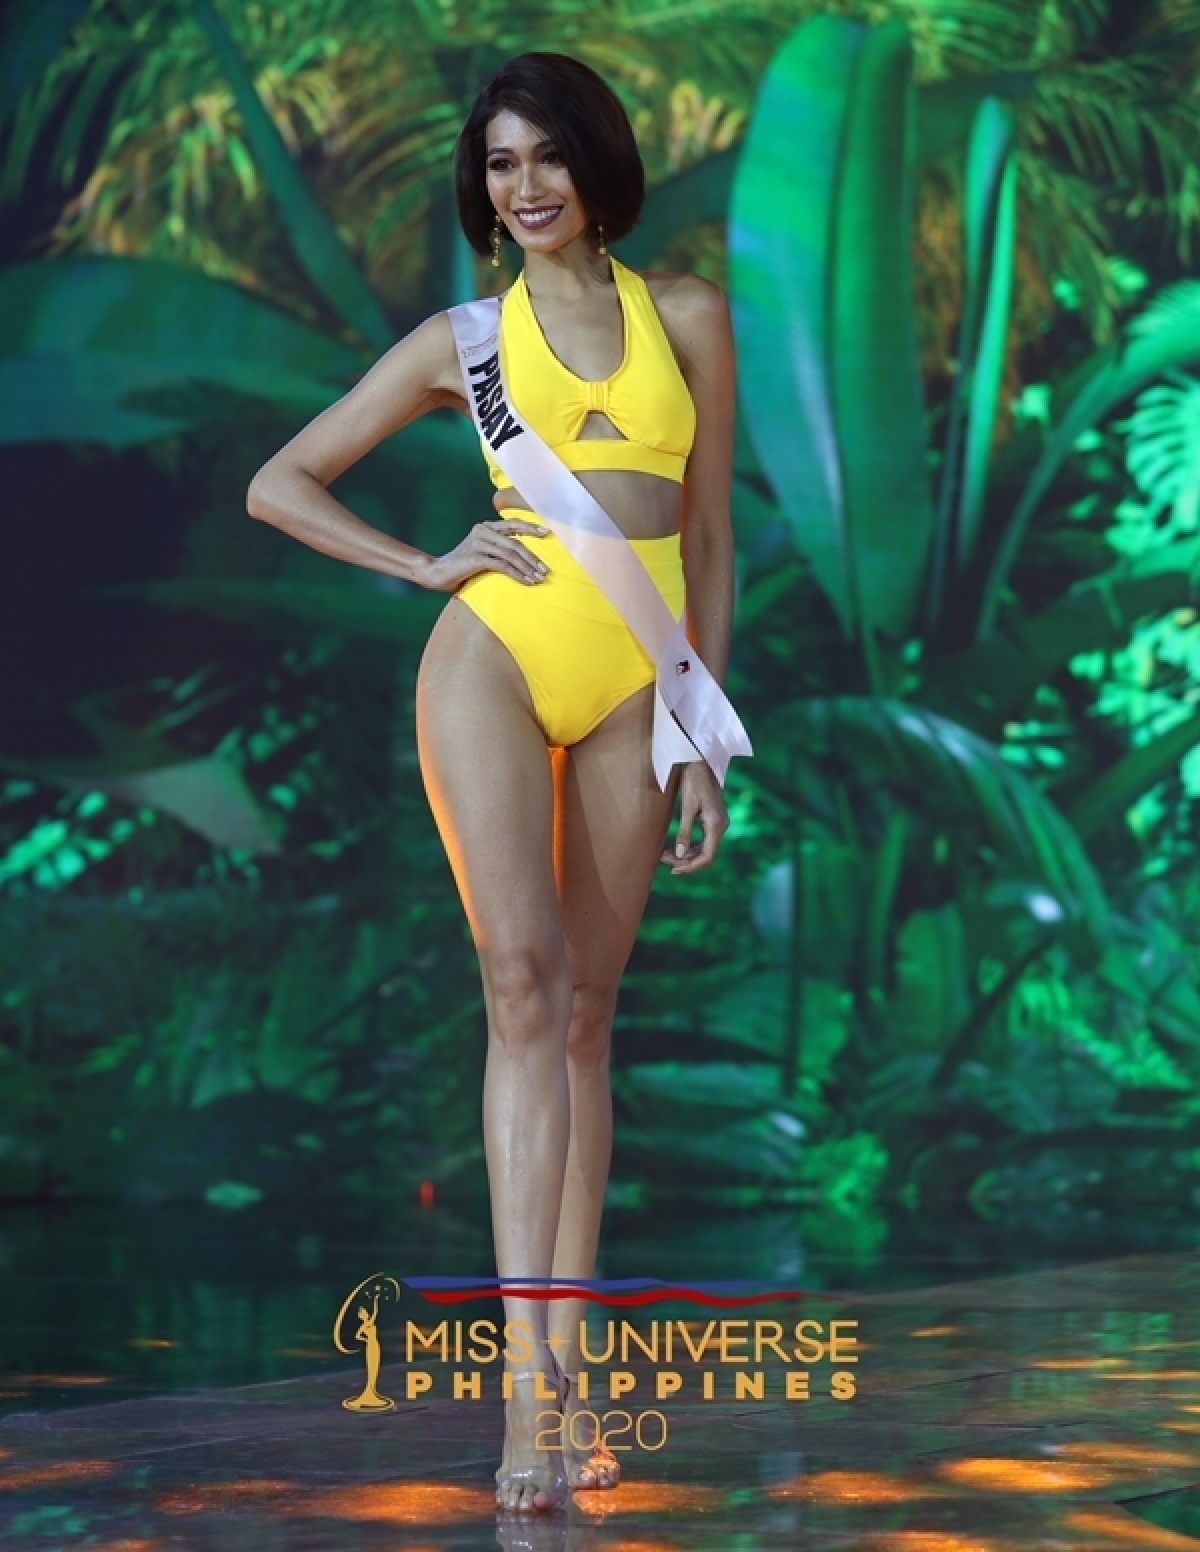 Các thí sinh Hoa hậu Hoàn vũ Philippines 2020 vừa có phần trình diễn bikini trong đêm diễn tại Baguio.